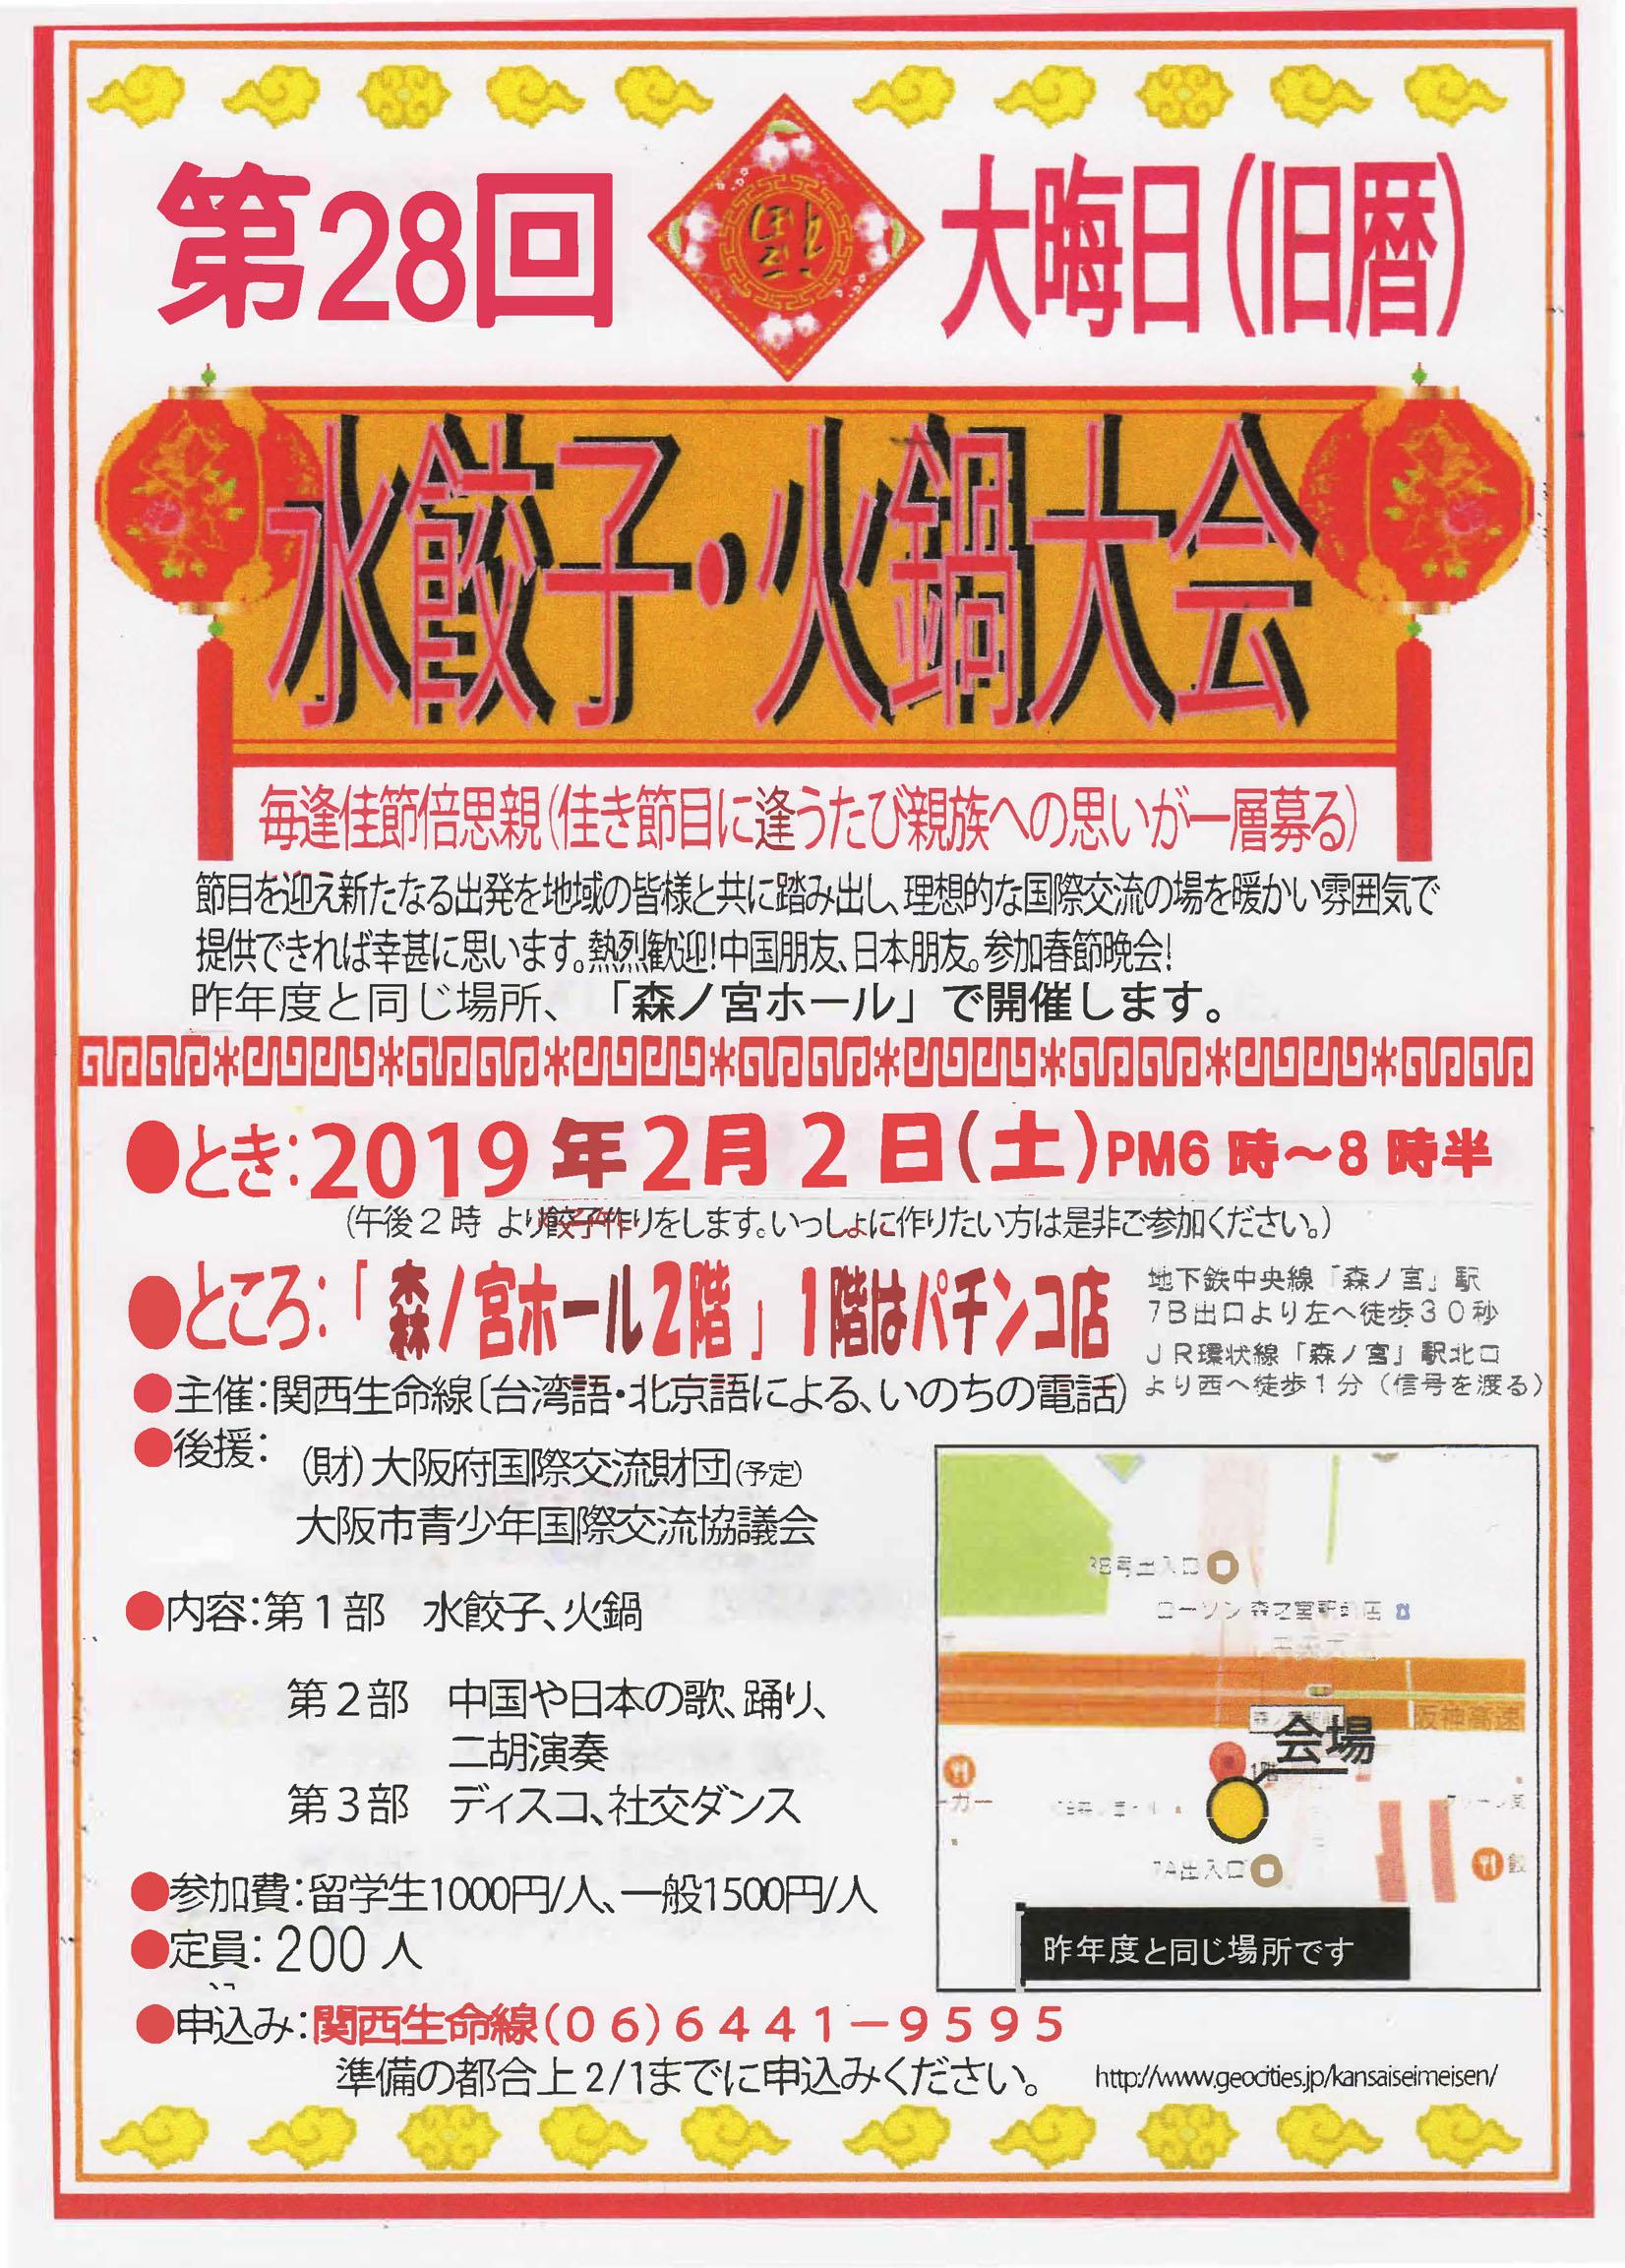 第28回旧暦除夕 水餃子・火鍋(中華風寄せ鍋)大会開催のお知らせ